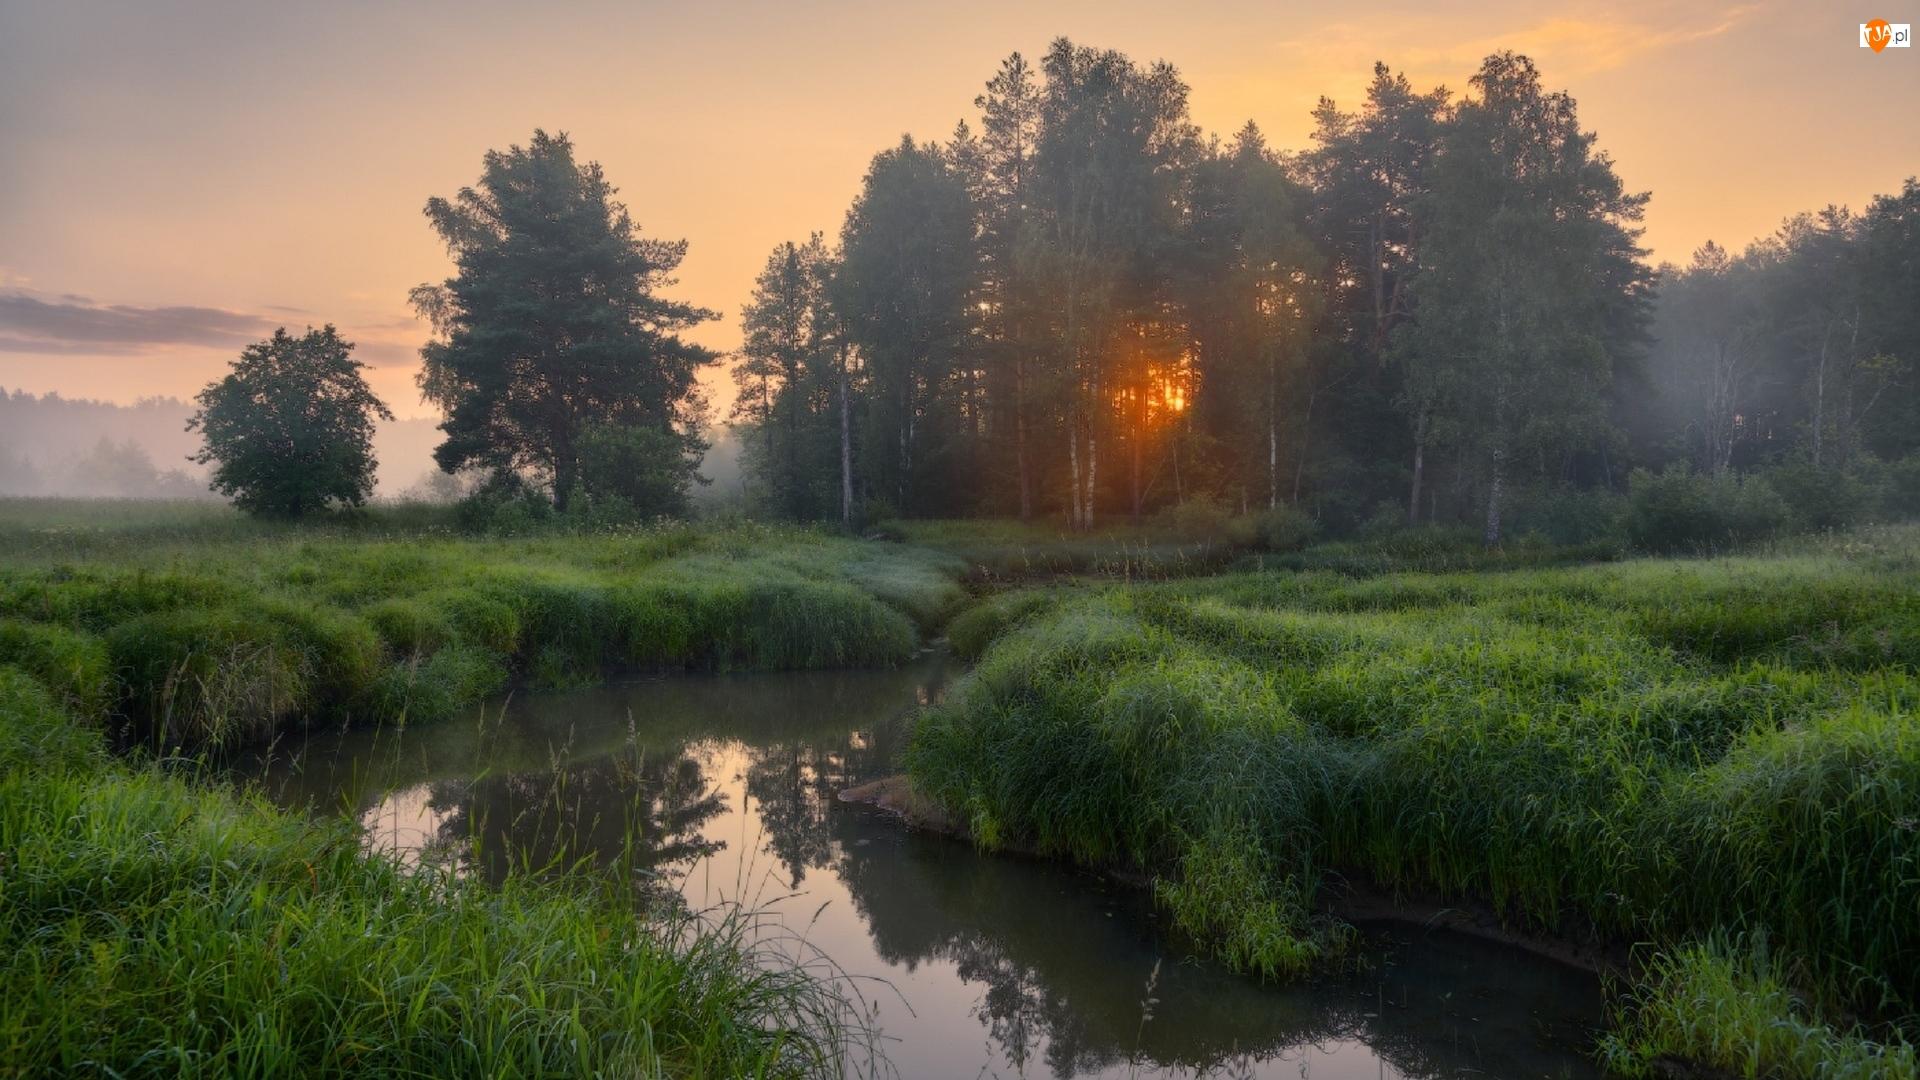 Gęsta, Rzeka, Drzewa, Świt, Trawa, Mgła